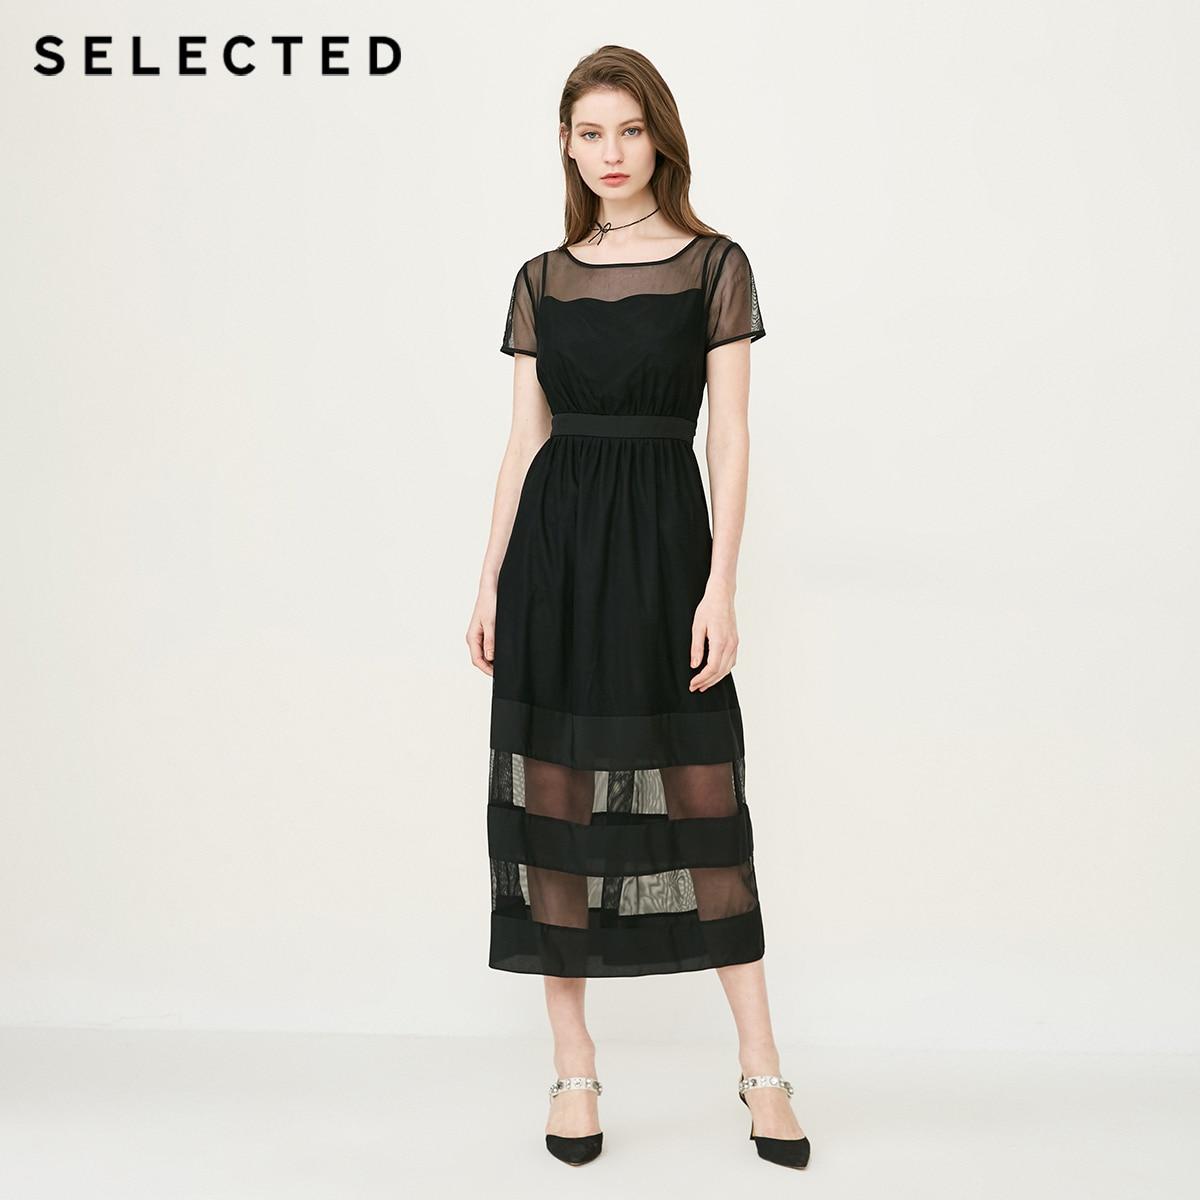 選択新しい女性のメッシュステッチハイウエストニットワンピース S  41822J508  グループ上の レディース衣服 からの ドレス の中 1